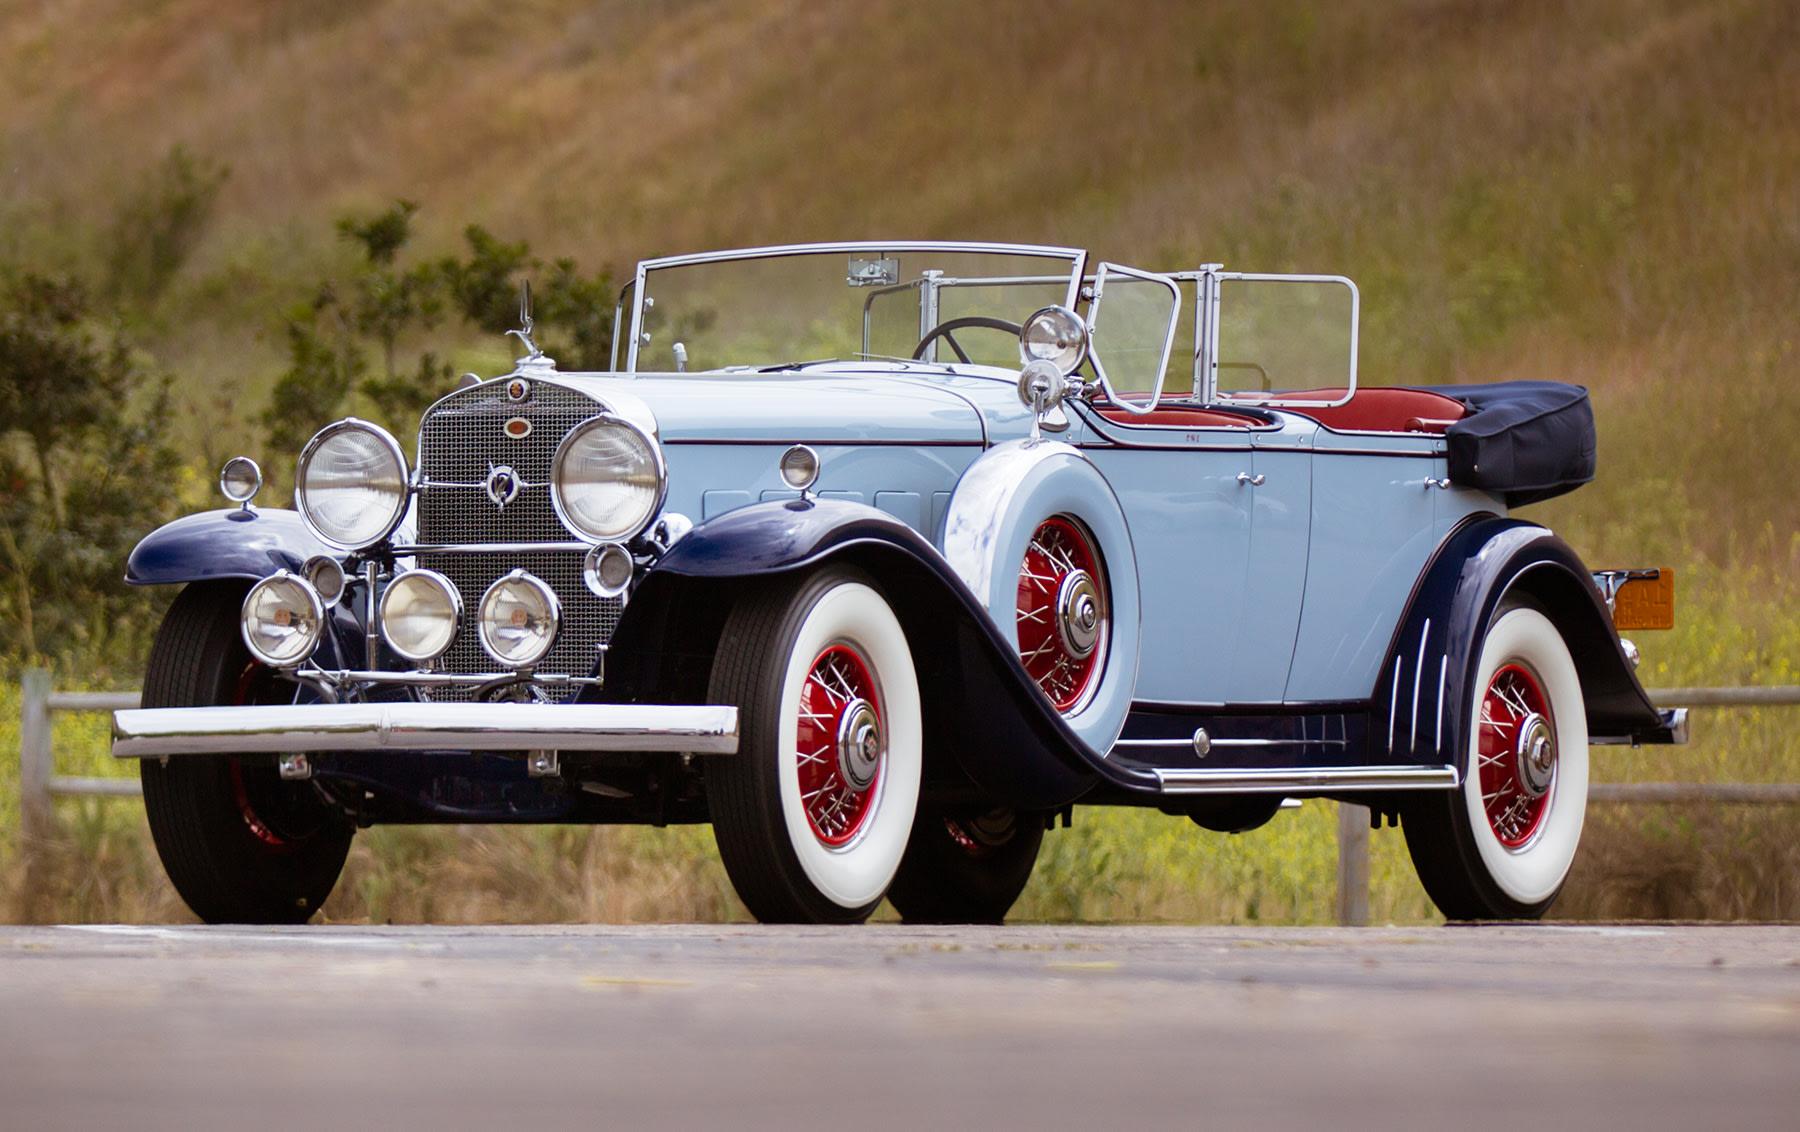 1931 Cadillac V-12 370-A Phaeton